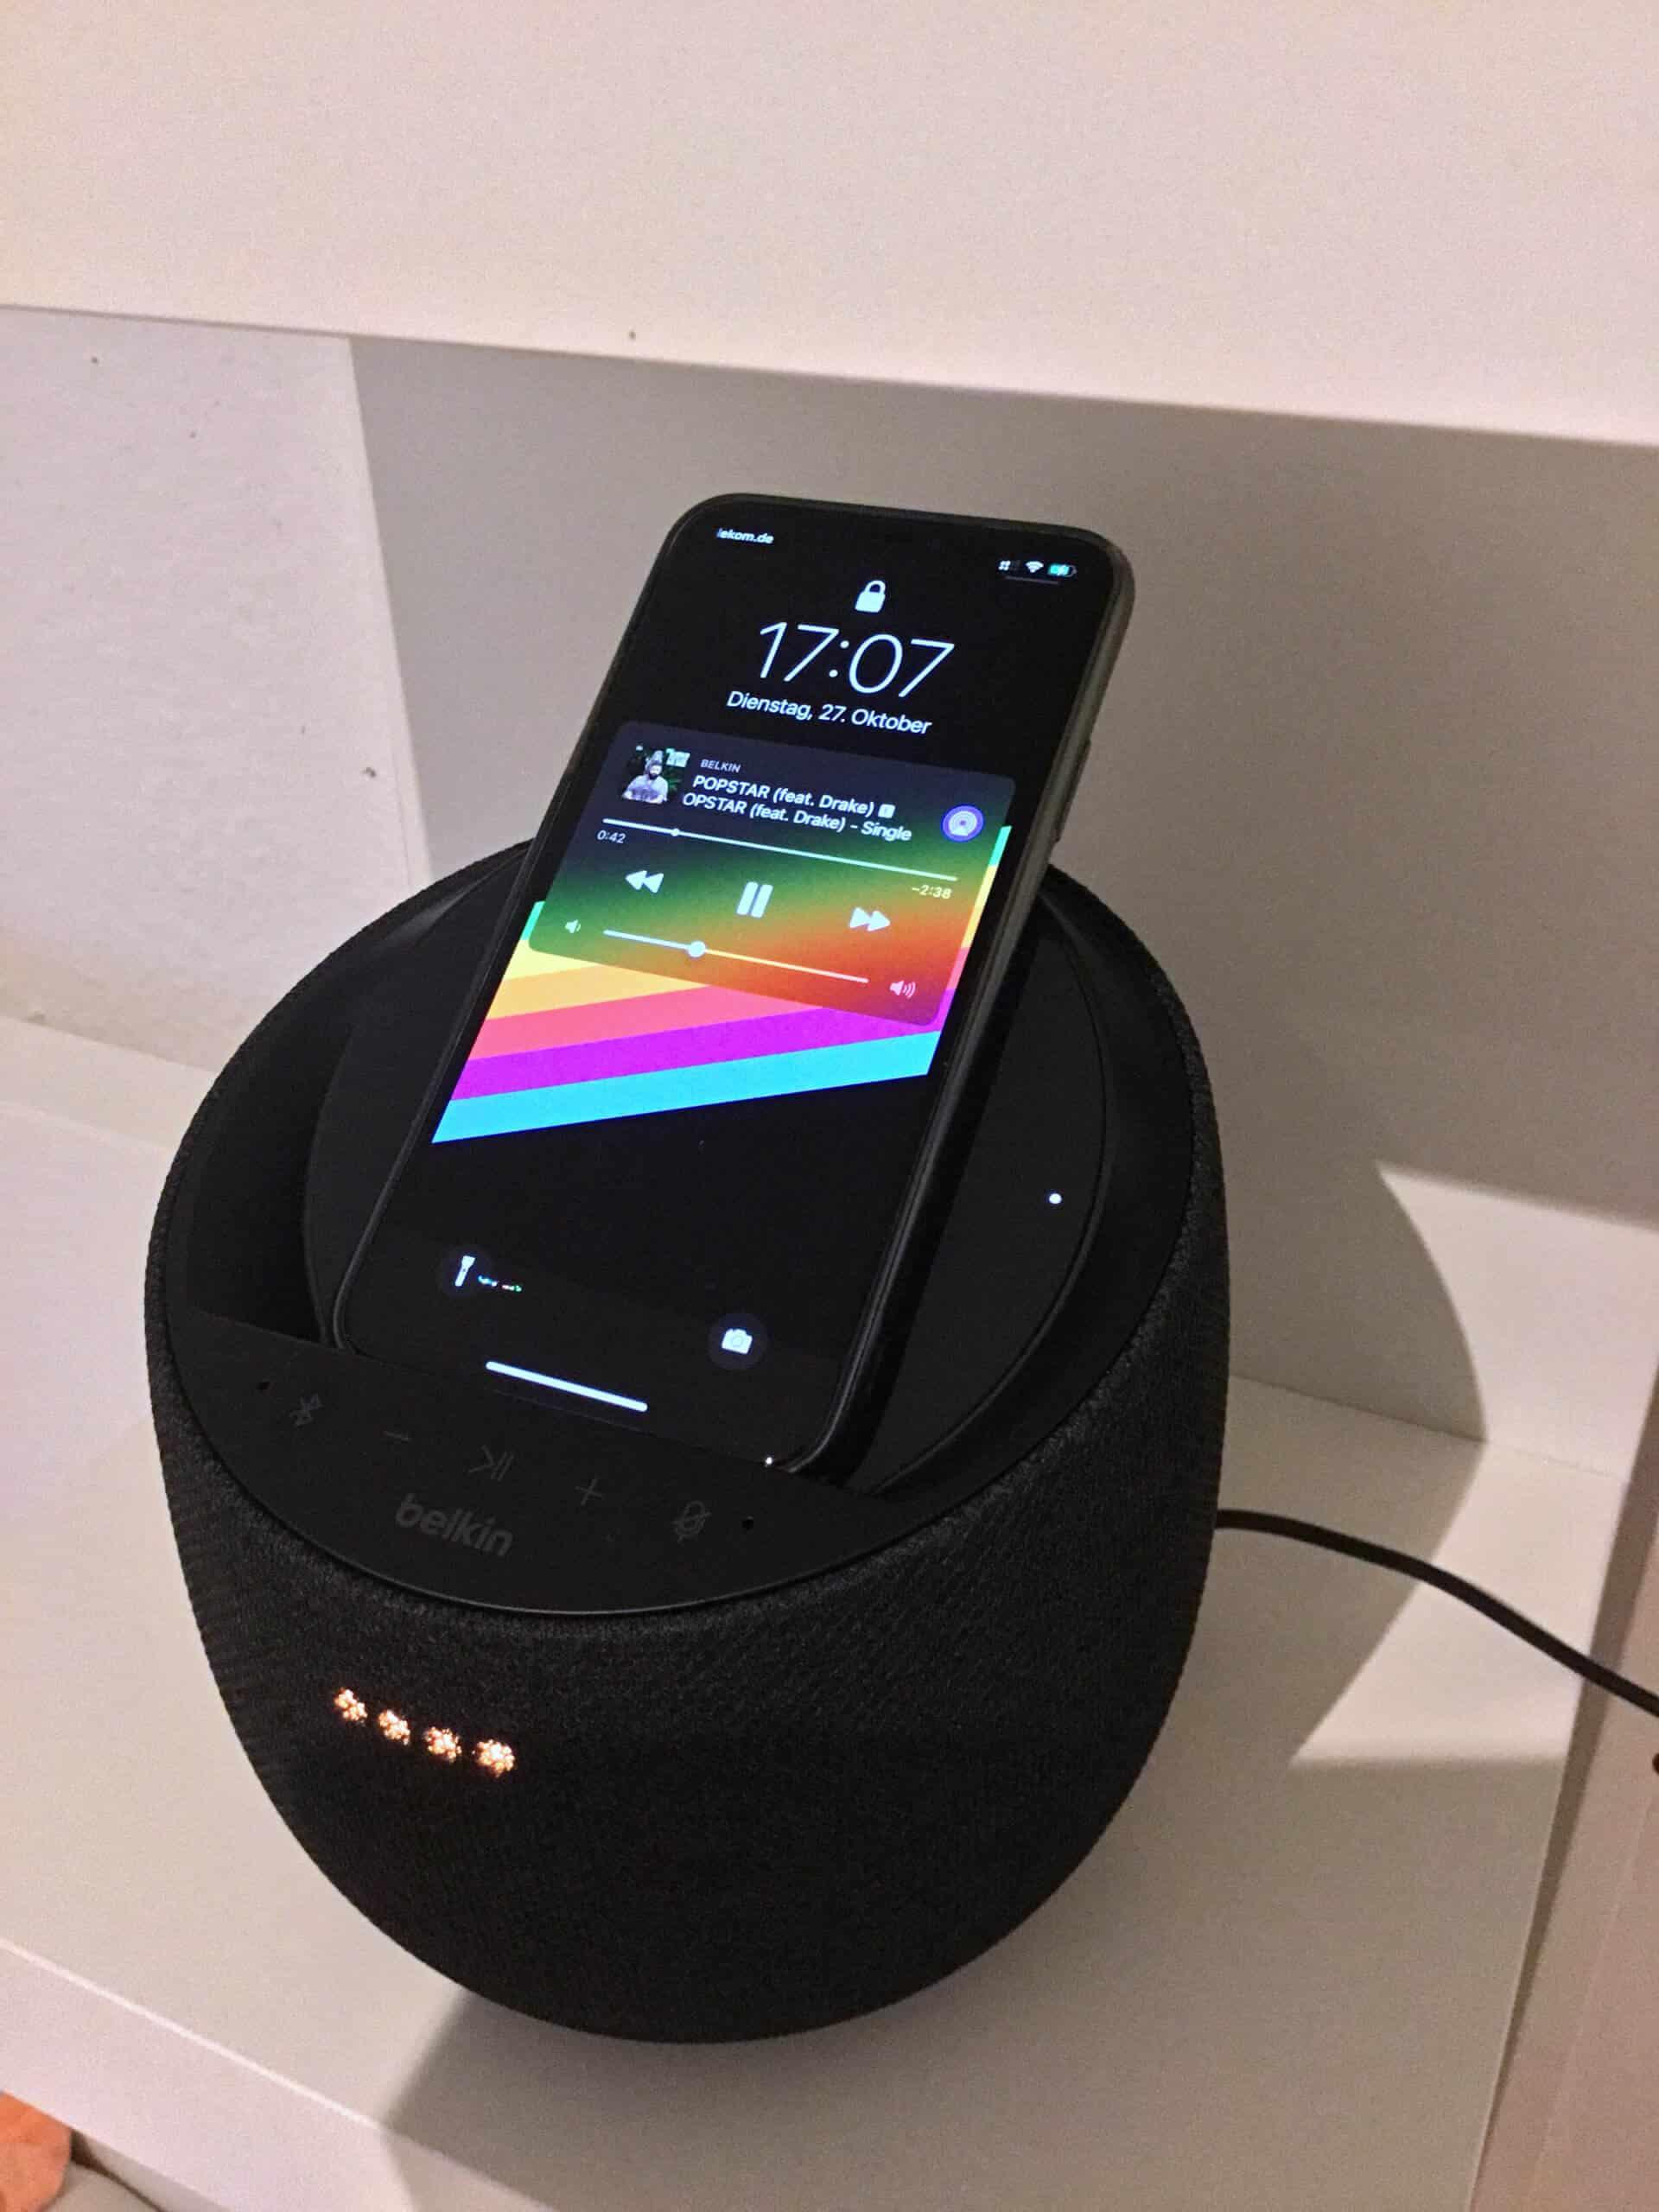 Smarte Idee: Kabellose Ladeschale und Speaker miteinander verbinden